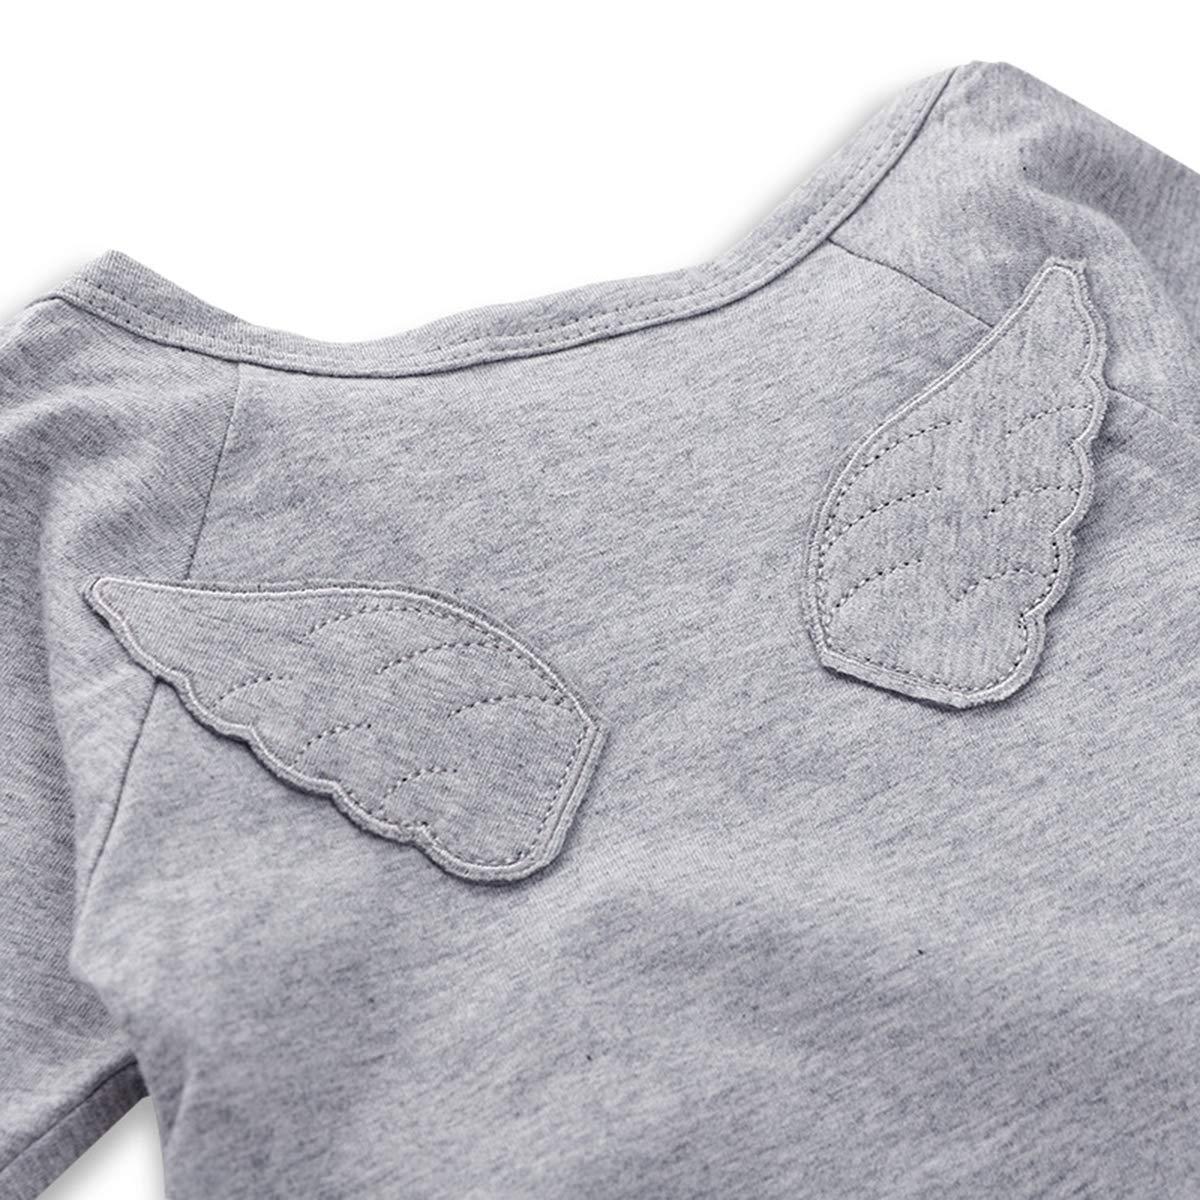 XINXINHAIHE Unisex Infant Baby Spring Cotton Romper Long Sleeve Wings Onesies Jumpsuit